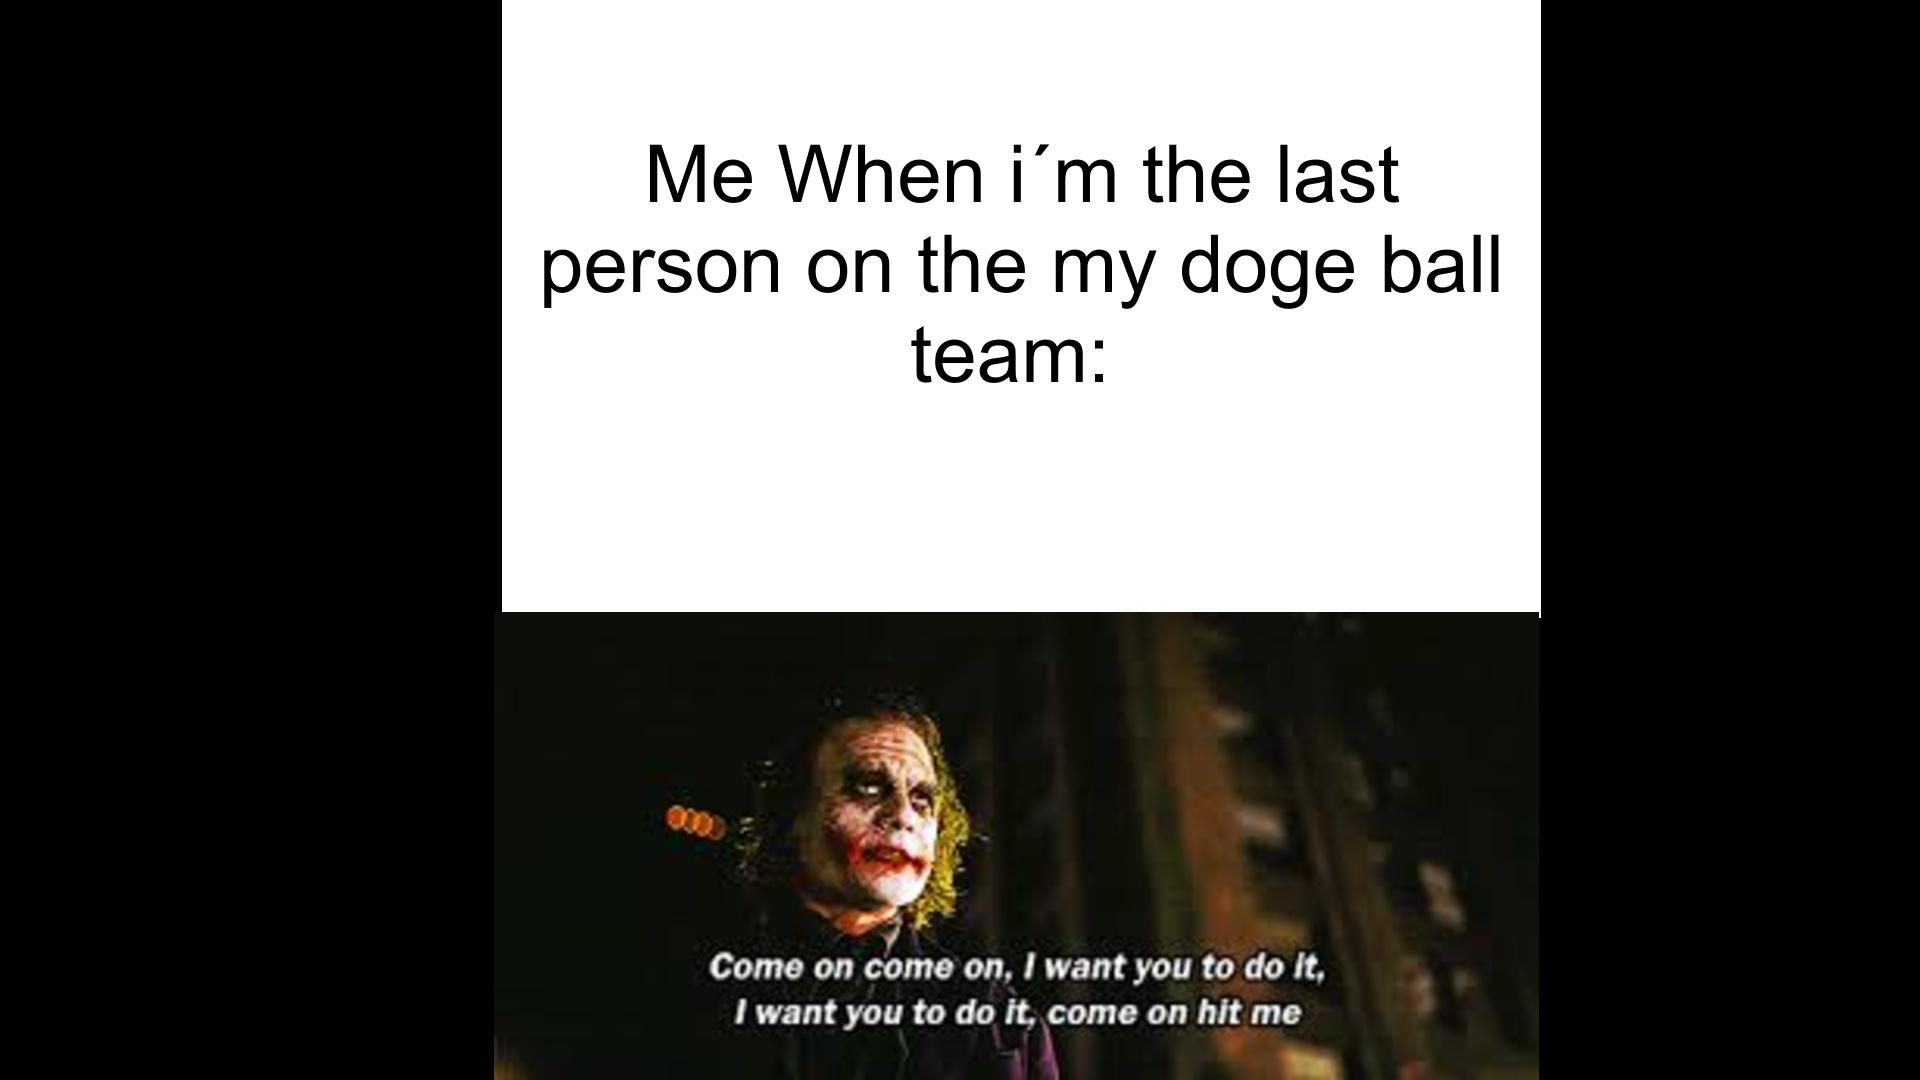 HIT MEEE - meme